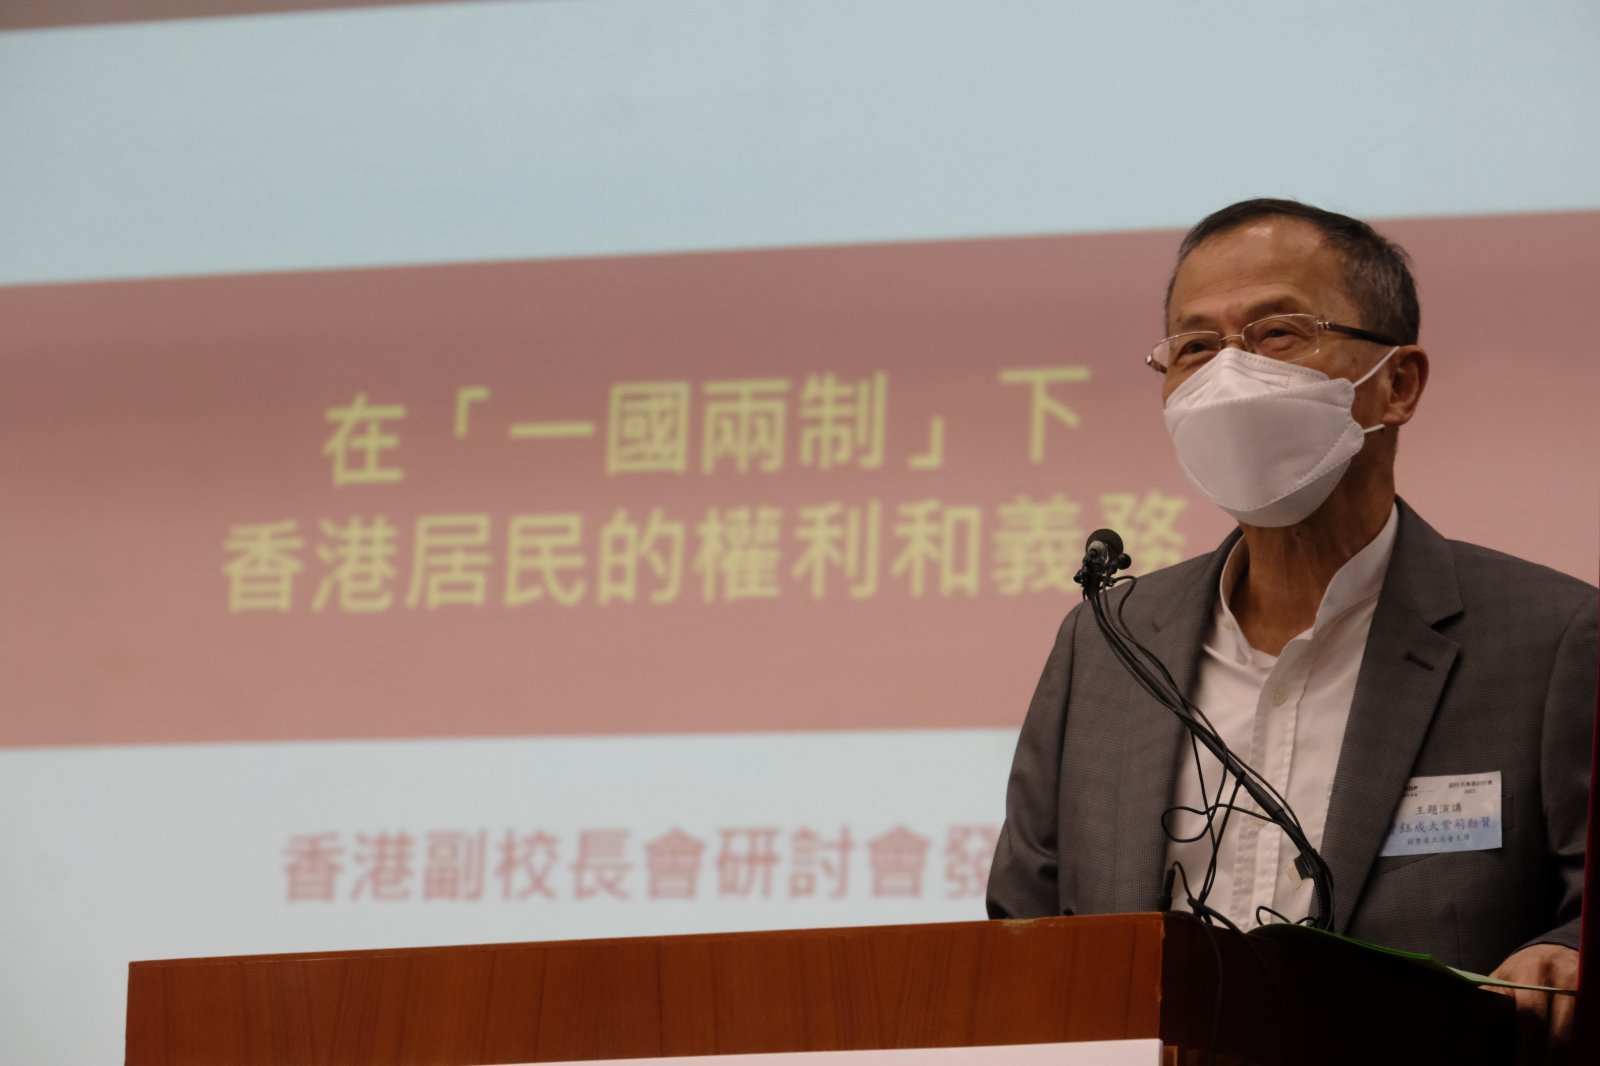 立法會前主席曾鈺成在會上表示,國民教育是根本,而國家安全就是根。香港居民在享有權利時亦要履行義務,否則難以談論民族認同及國家觀念。(香港文匯報記者陳大文 攝)